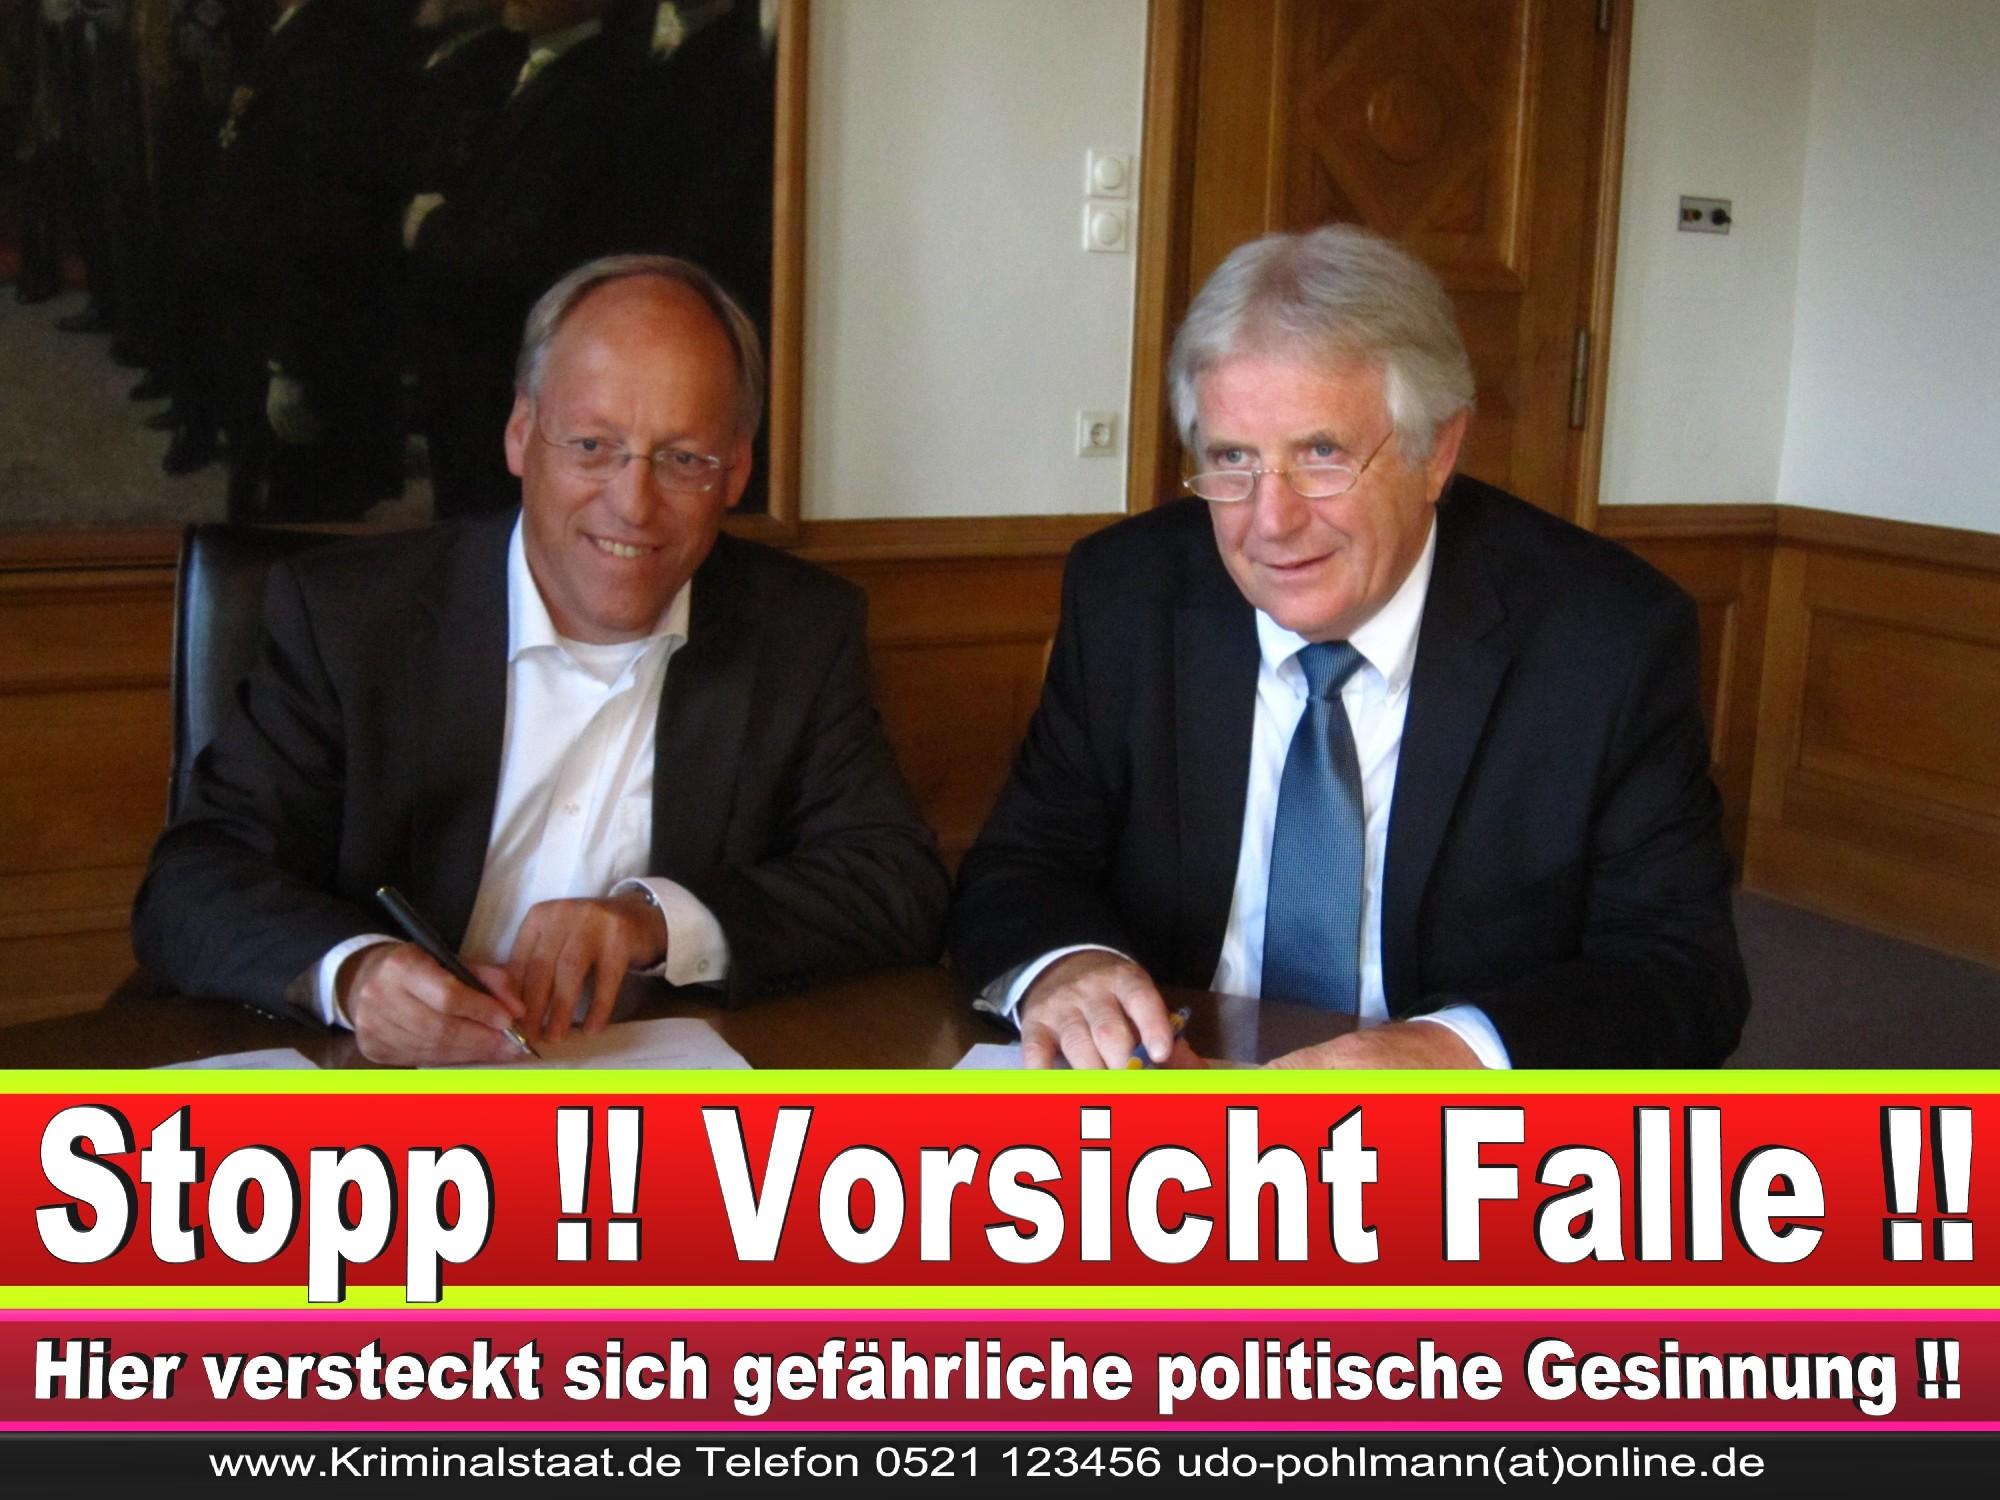 Polizeipräsident Erwin Südfeld Bielefeld Oberbürgermeister Bürgermeister Peter Clausen Pit Clausen Bielefeld (70)